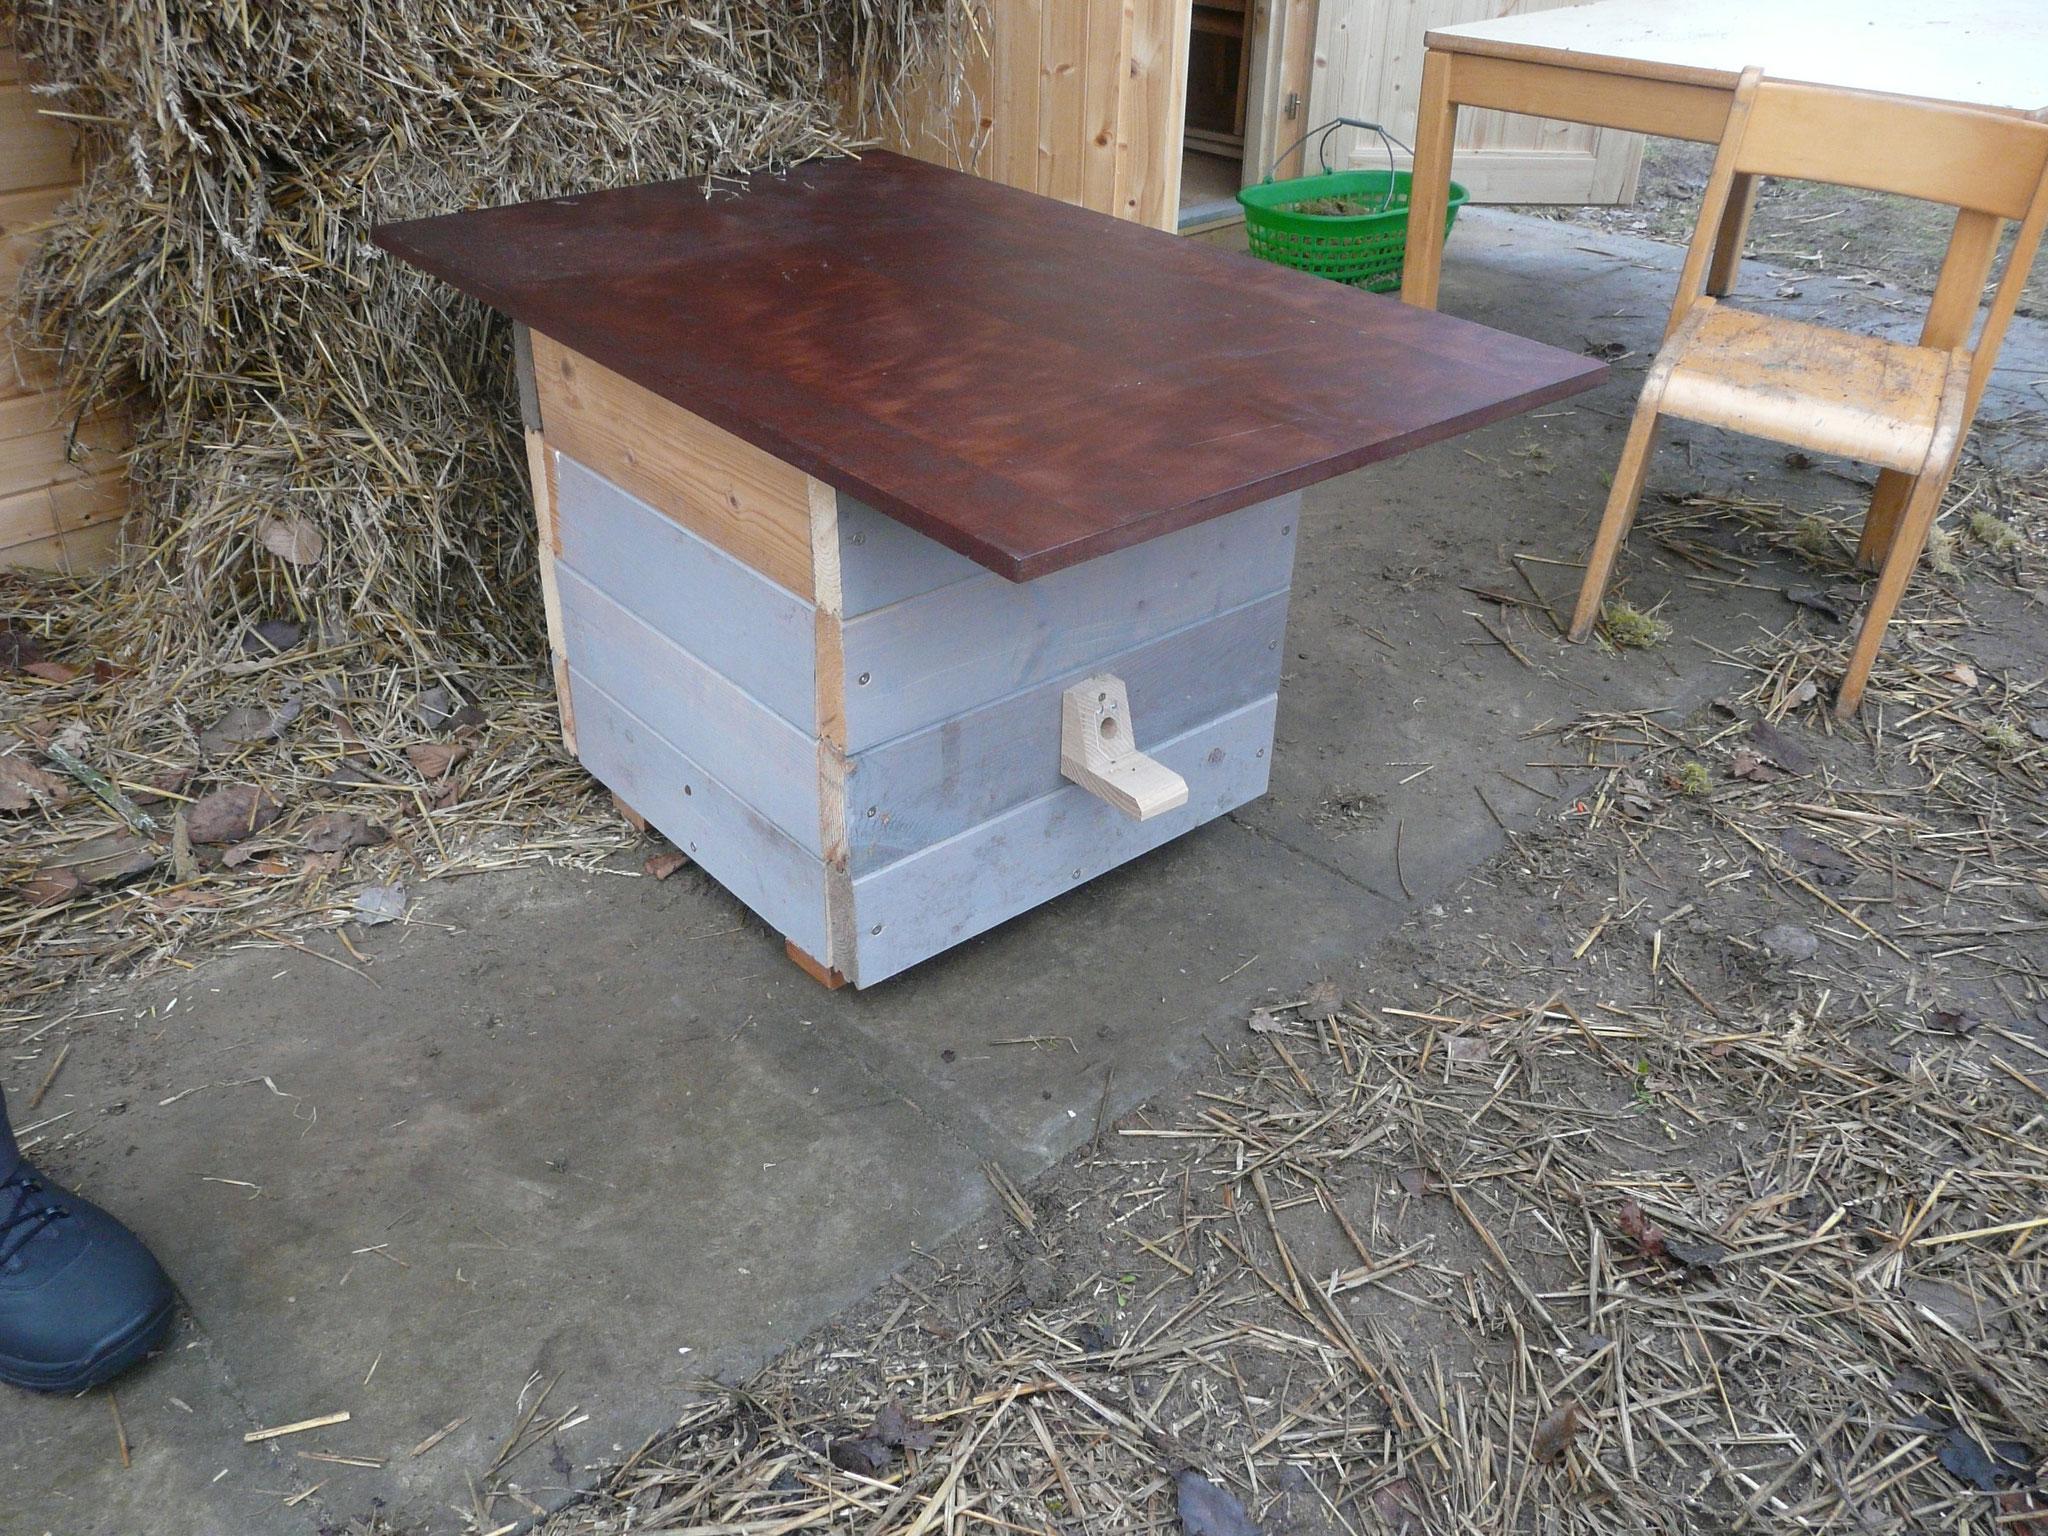 Dach drauf und fertig ist die Hummelkiste (nachträglich wurde noch eine Lüftung eingebaut und Fugen mit wasserfestem Leim und Sägespäne abgedichtet)